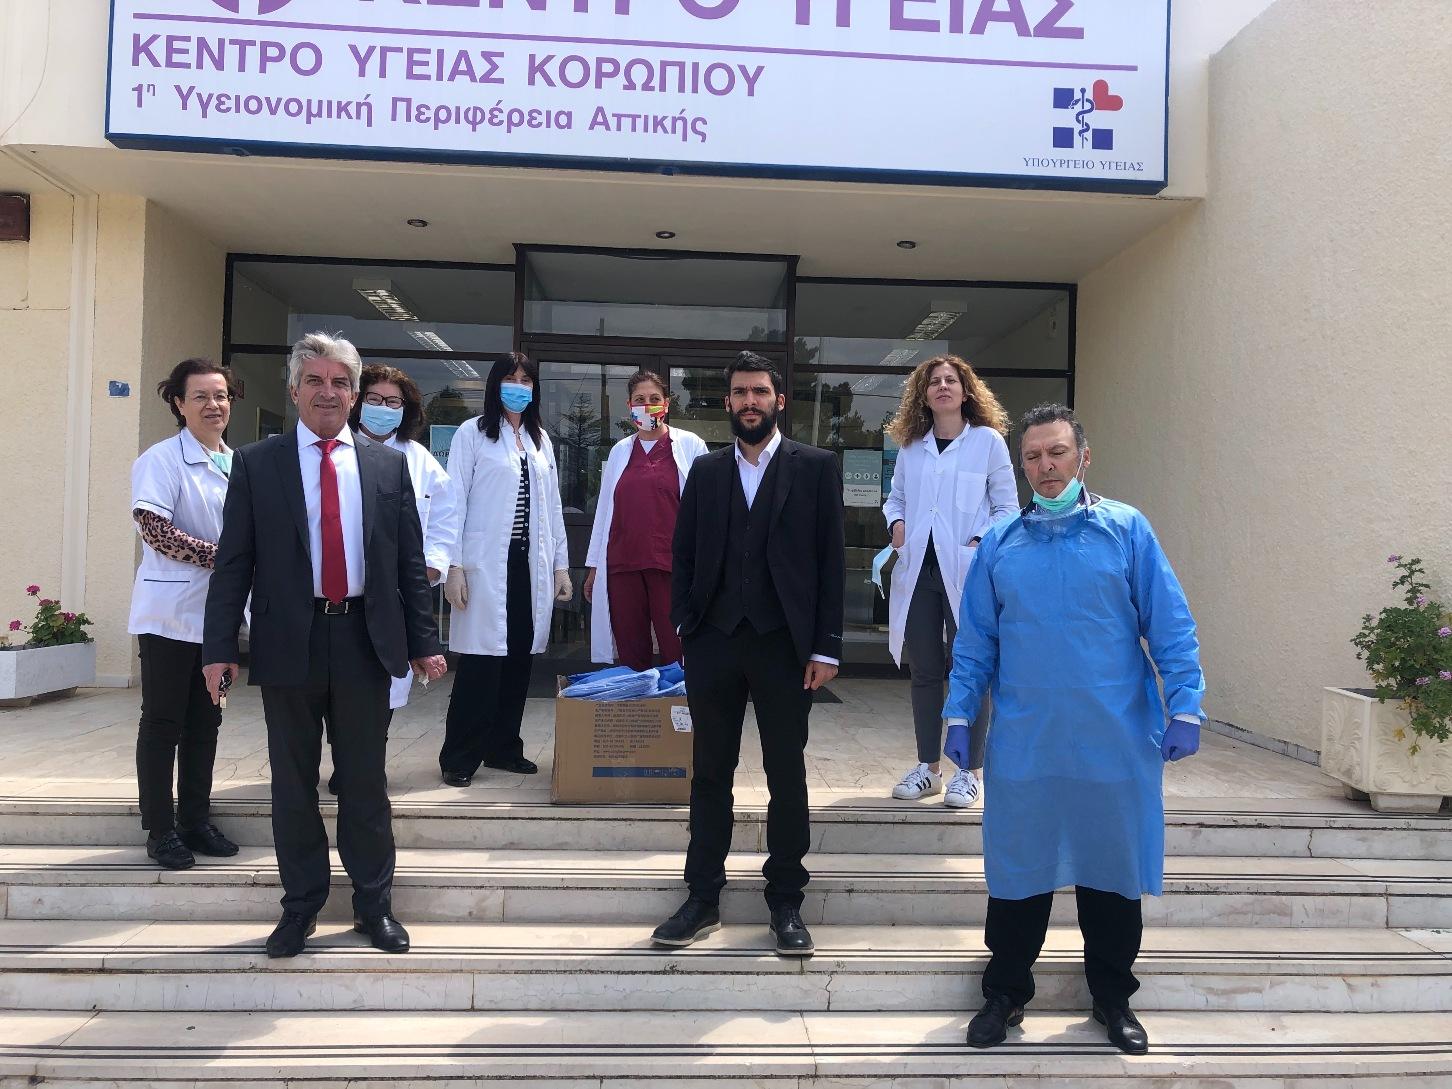 Εξοπλισμό προστασίας με ιατρικές στολές απέκτησε η ΚΕΔΚ για το προσωπικό του «Βοήθεια στο Σπίτι». Δωρεά 20 στολών και προς το Κέντρο Υγείας Κορωπίου